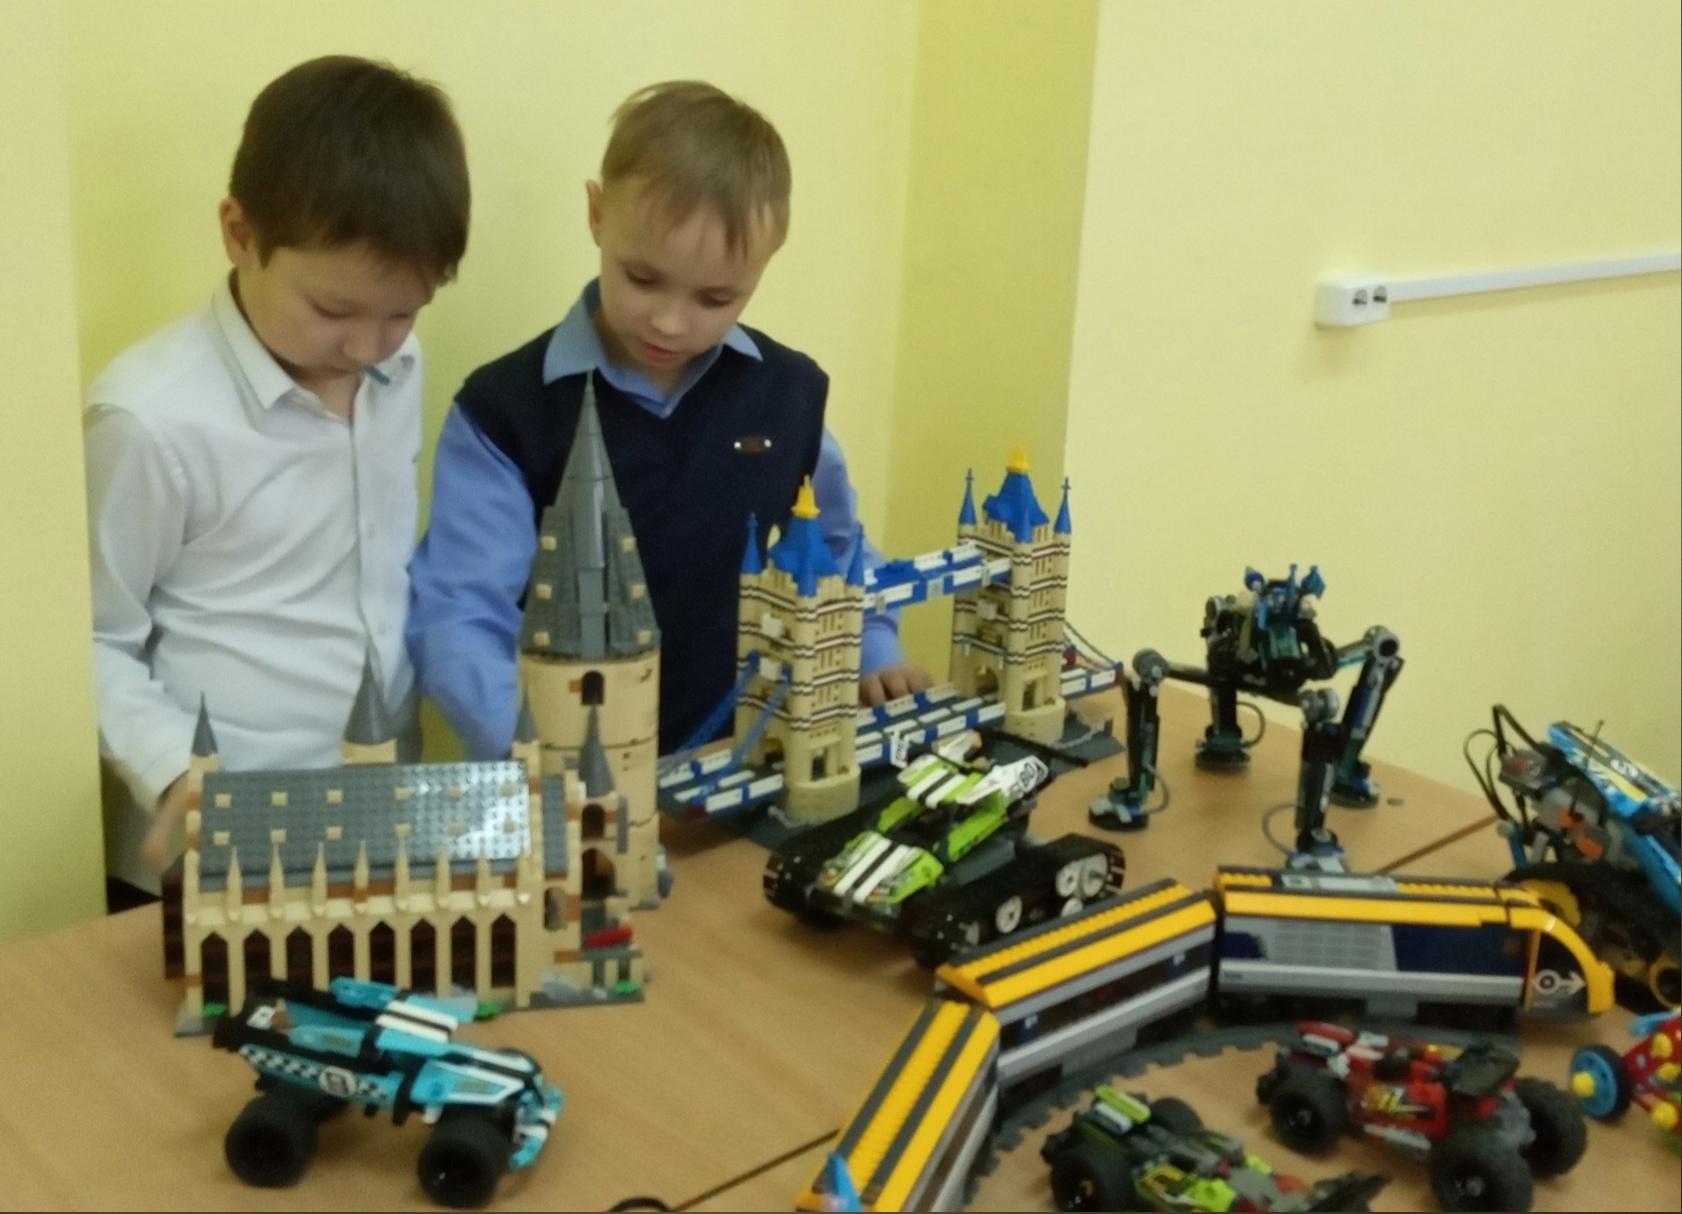 Собственная инженерная лаборатория появится в детском саду № 7 города Кирово-Чепецка